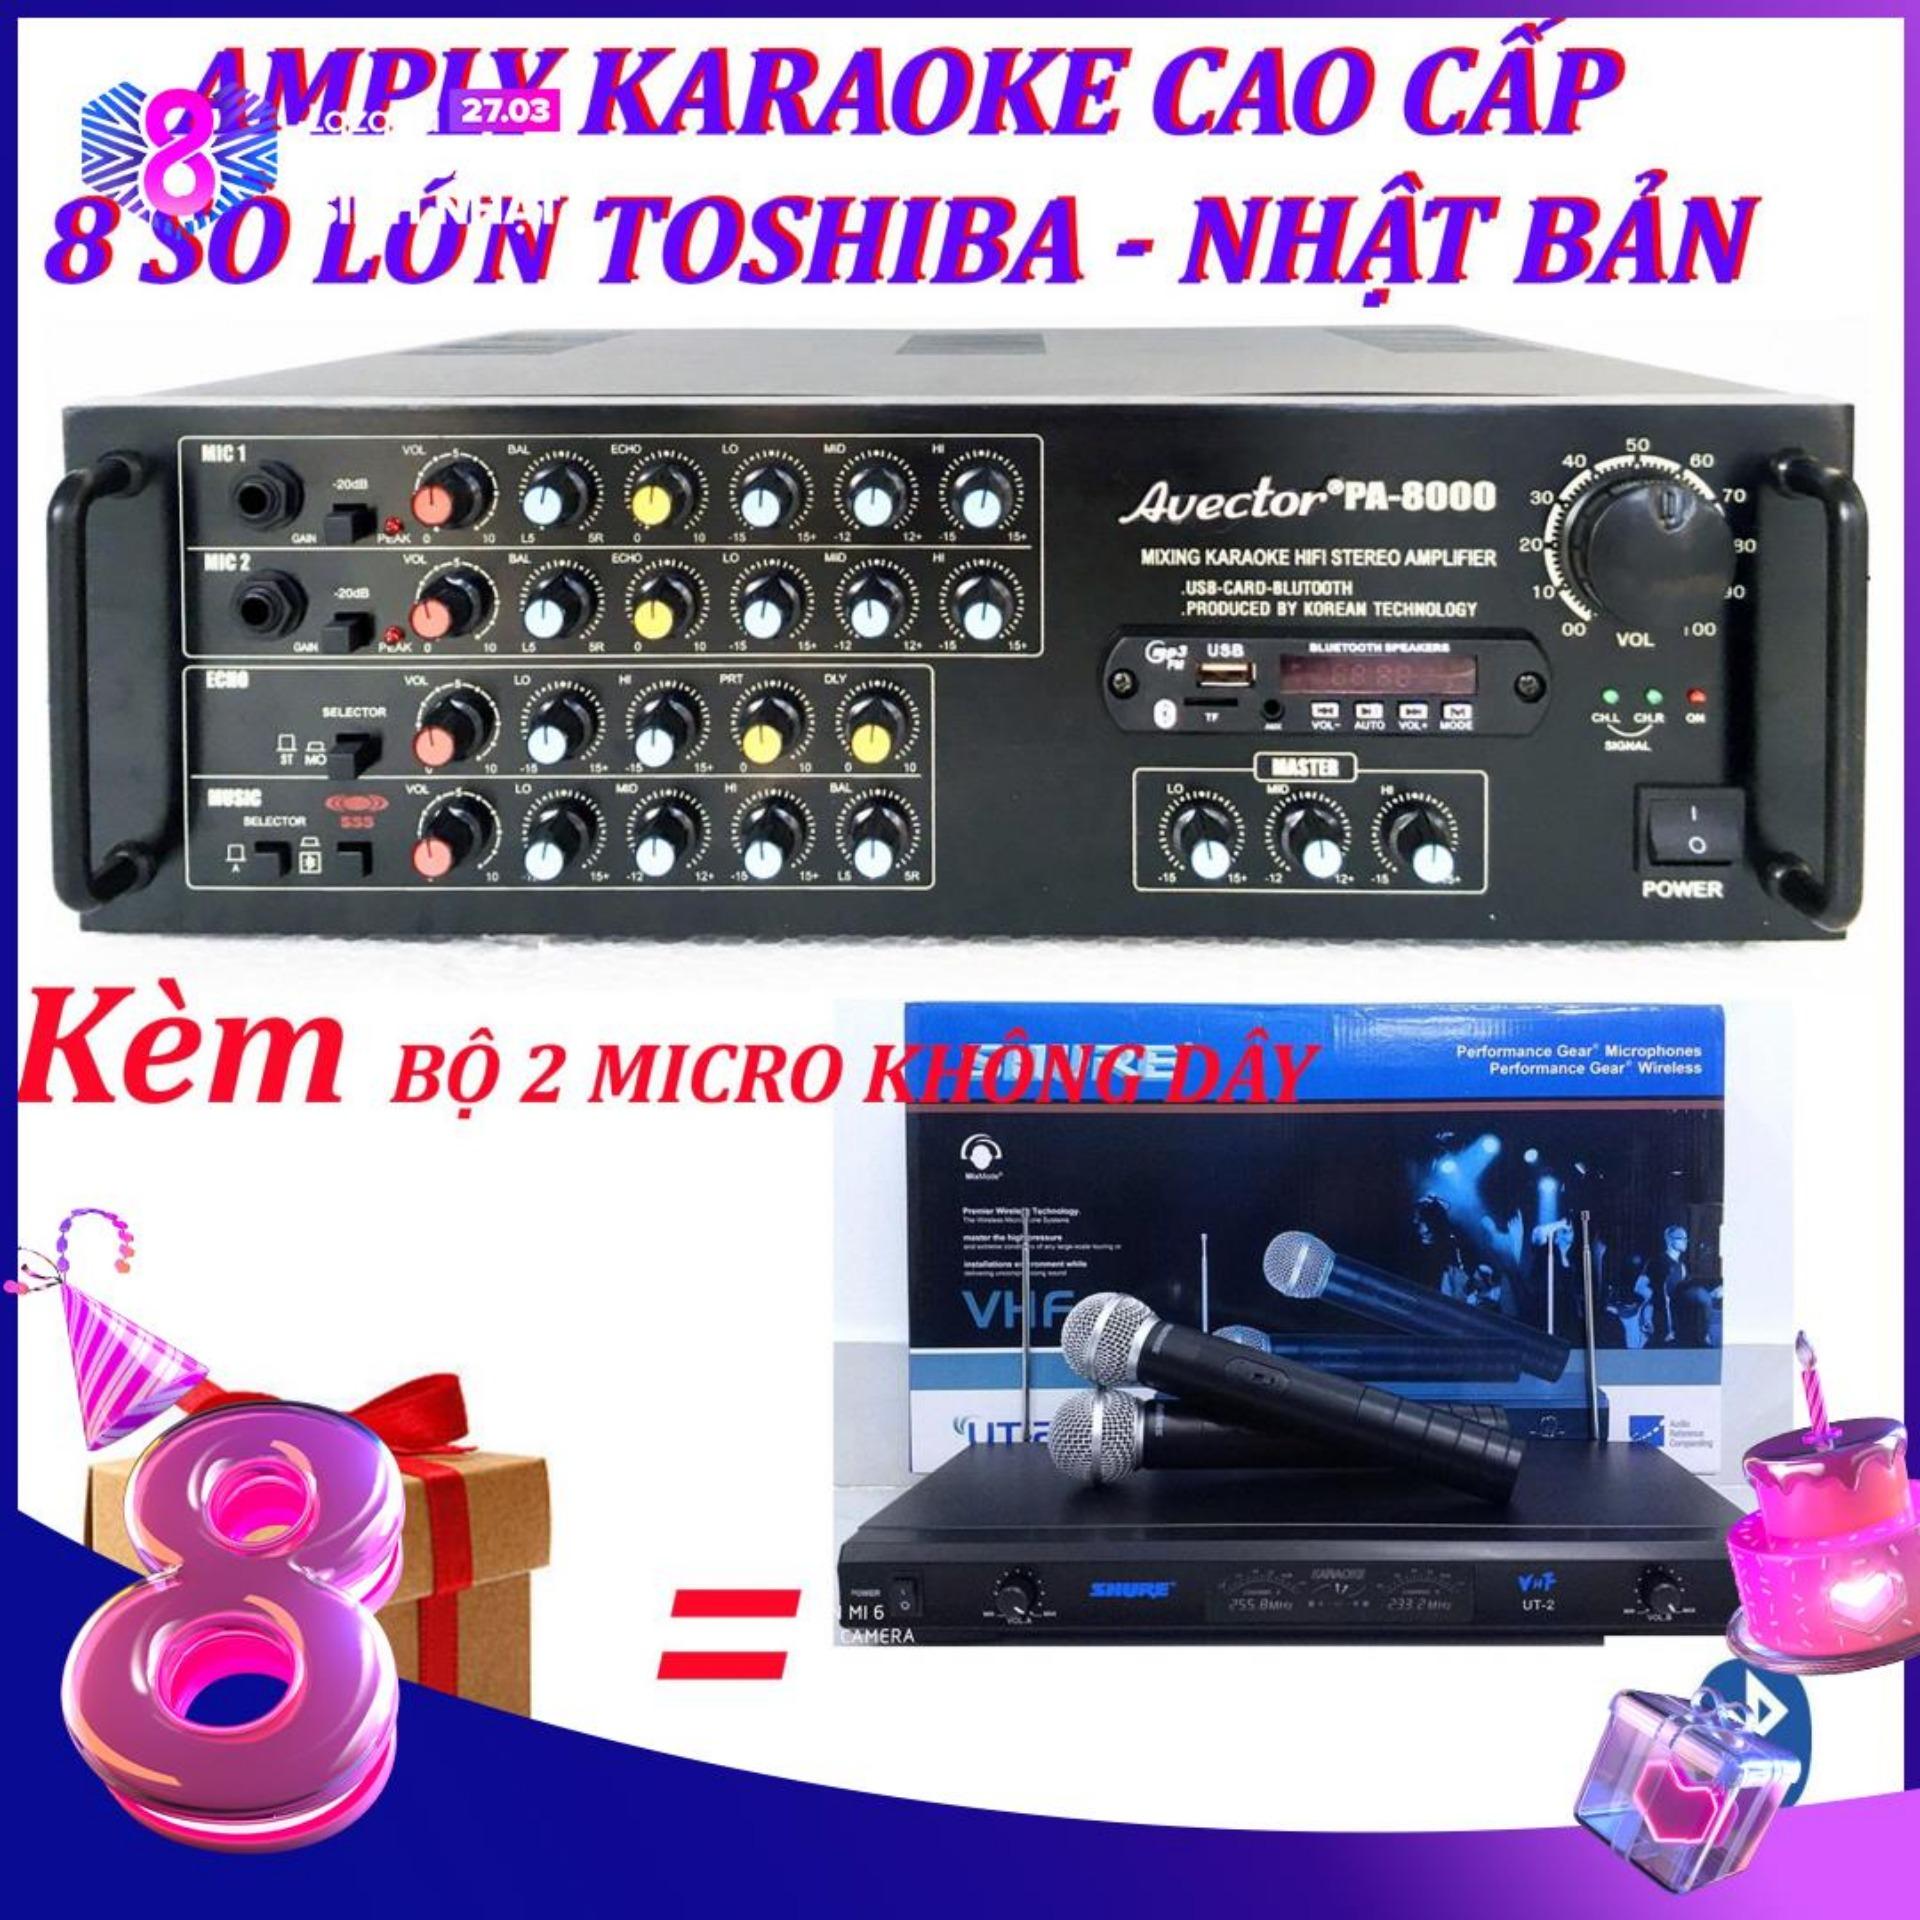 Amply karaoke ampli karaoke amply bluetooth nghe nhạc amply hat karaoke AVECTOR 8000 kèm 2 micro không dây ut2